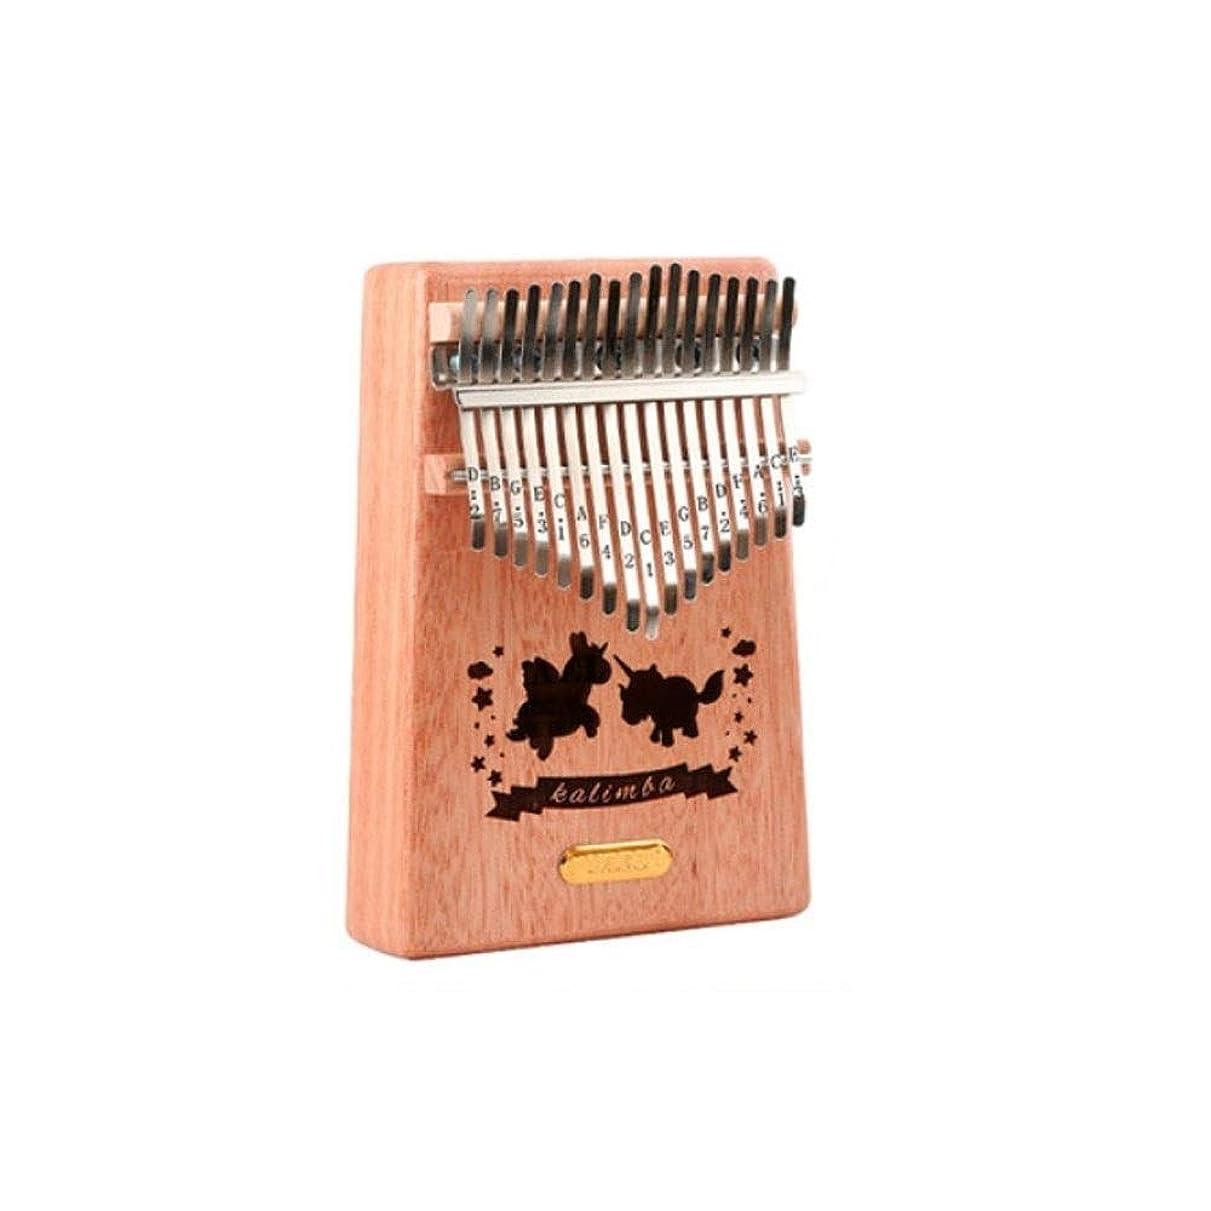 厳しい味わうトロピカルカリンバ、17音色の初心者用エントリカリンバ親指演奏、ポータブル親指ピアノ (Color : A)